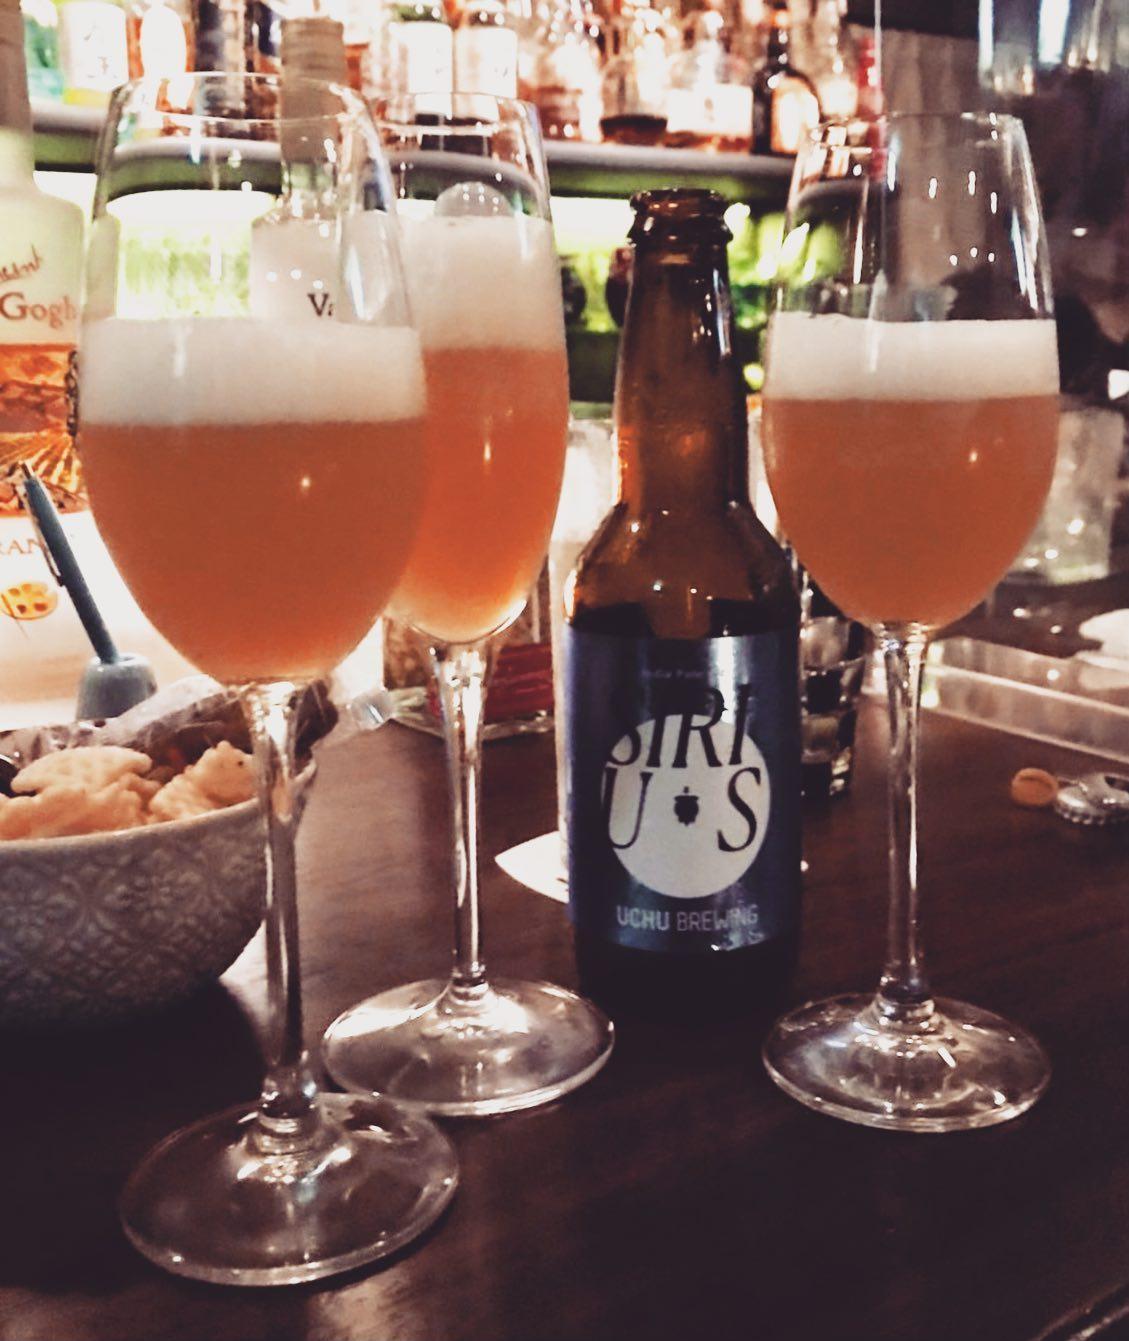 うちゅうブルーイングUCHU BREWINGのSIRIUS / シリウスお土産に頂きましたー初めての驚きの味わい!なんてフルーティな薰りとコクなんだろービールが苦手な私だけど、これは違うーー!普通のビール以上、ワイン未満のちょうど良い重さ加減なのよね感動しちゃいました!また飲みたいぞーありがとうございました#カフェバー #Cafebar#心地よい空間 #金沢片町 #楽しいひと時を #るたん#letemps #Letemps#CafeBAR_Le_temps#カフェバー_るたん#おひとり様でも#犀川沿いの夜景#景色が良い #お酒と音楽が楽しめる#歌えるカフェバー#感染対策#うちゅうブルーイング#uchubrewing#sirius#シリウス#フルーティー#クラフトビール#静岡出身です#猫好きです#感染対策強化#いしかわ新型コロナ対策認証店 - 金沢片町るたん